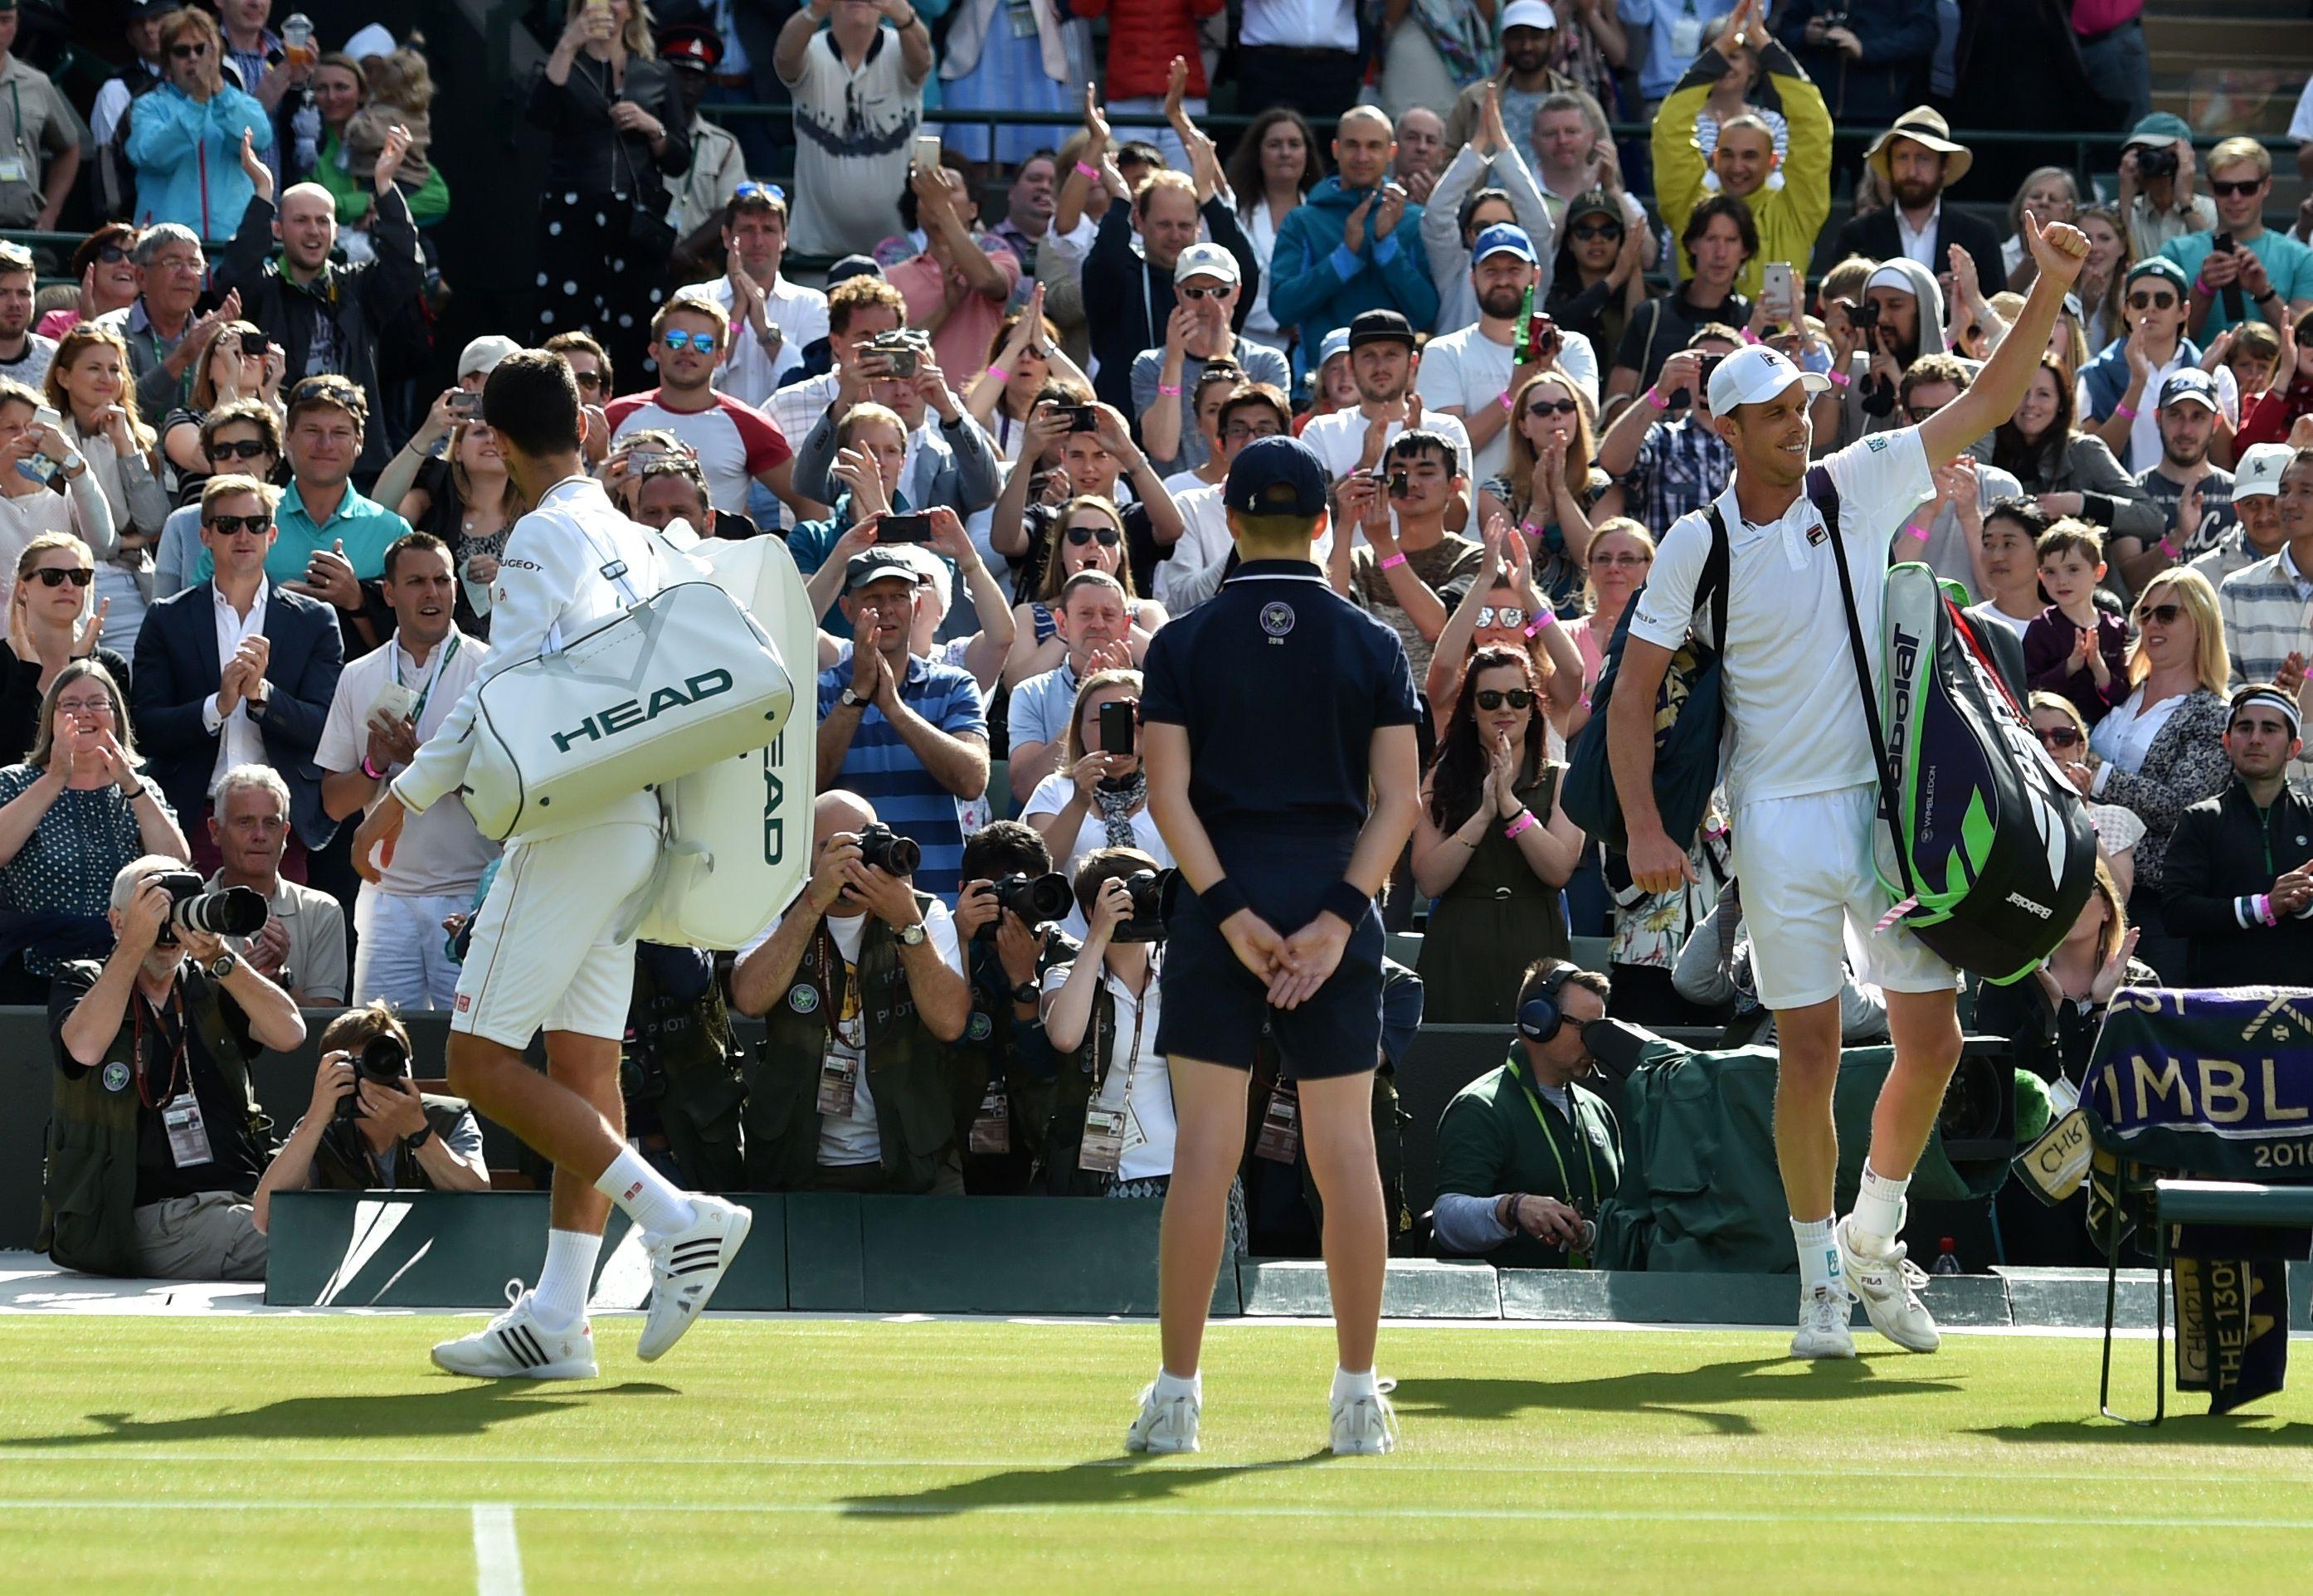 Des einen Freud, des anderen Leid: 2016 gewann Sam Querrey (re.) in der dritten Runde völlig überraschend gegen Novak Djokovic (li.).